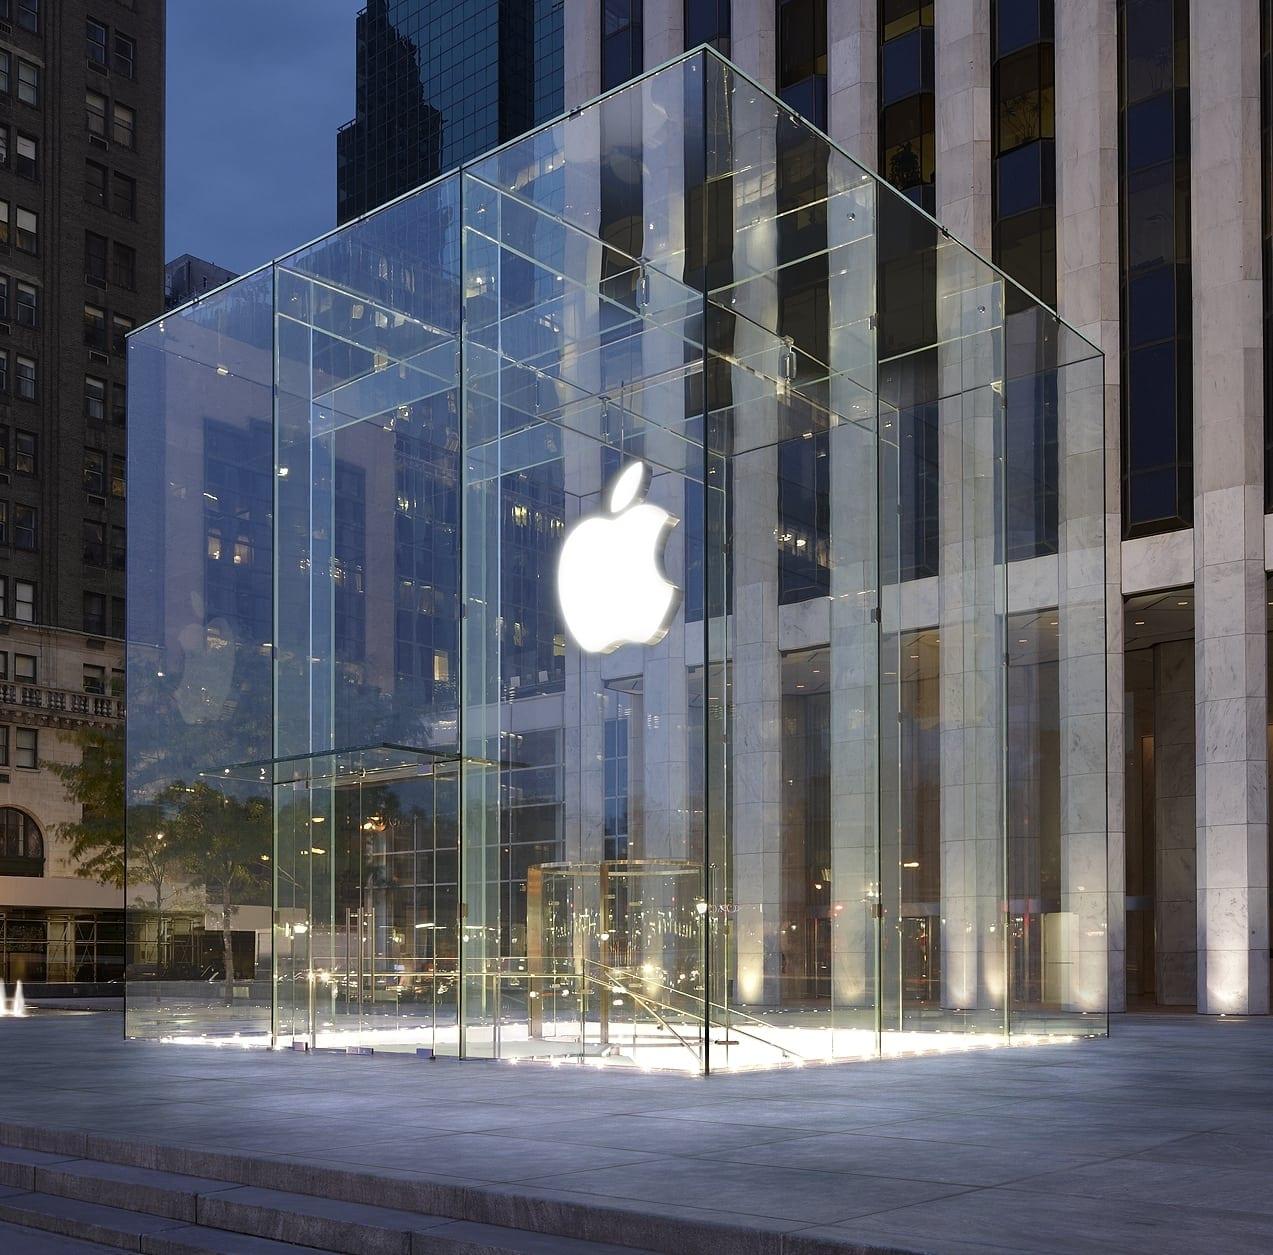 Câştigurile financiare Apple: Jumătate de miliard de dispozitive iOS au fost vândute până în prezent